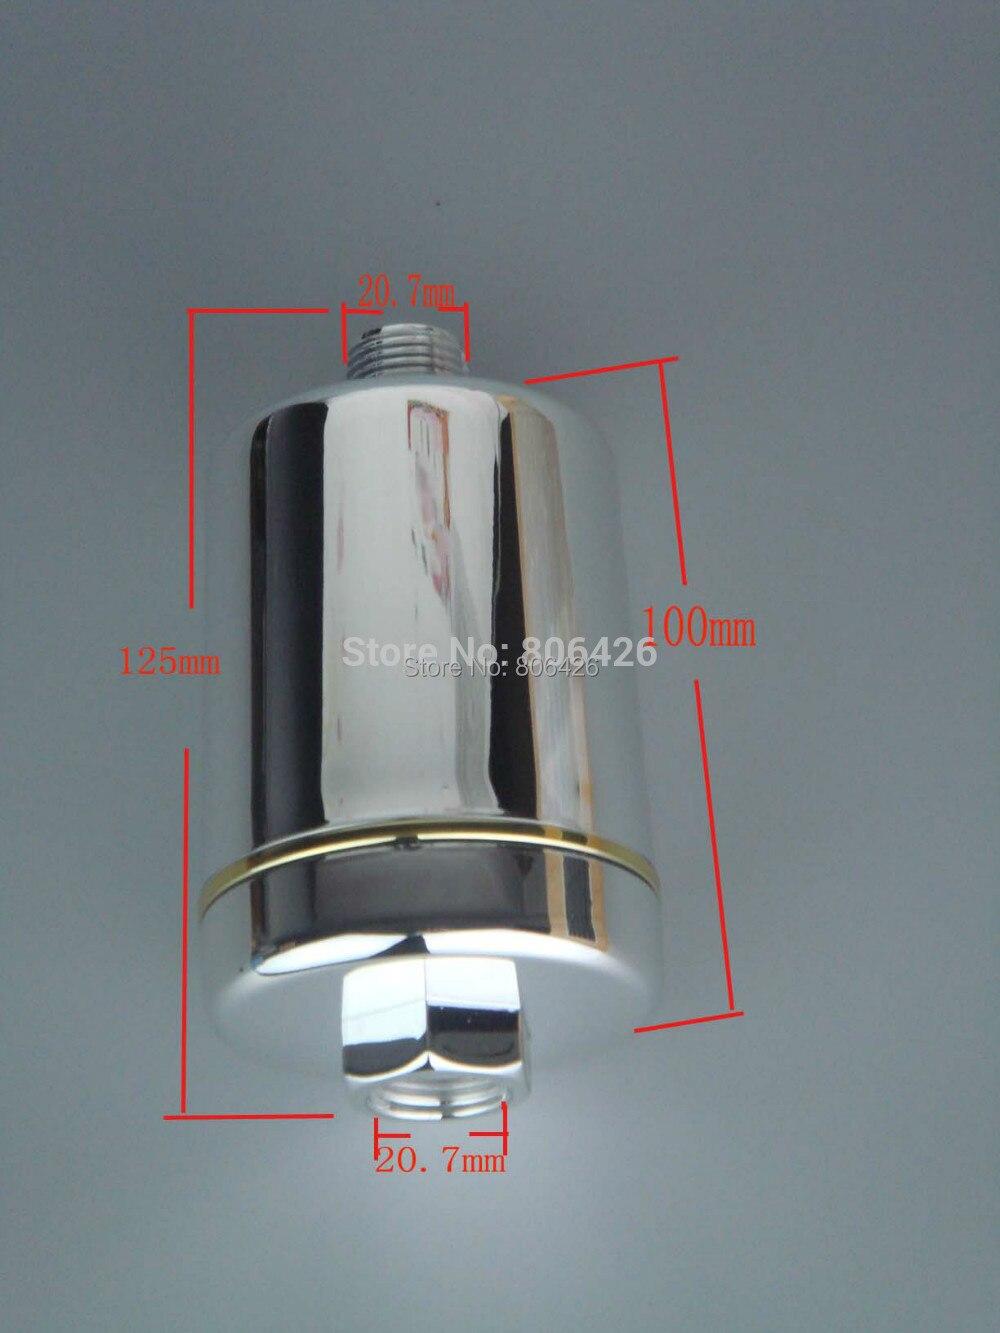 Фильтр для душа без химических веществ/насадка для душа Спа/очиститель воды с комбинированным углеродным и KDF материалом для wippe от хлора и